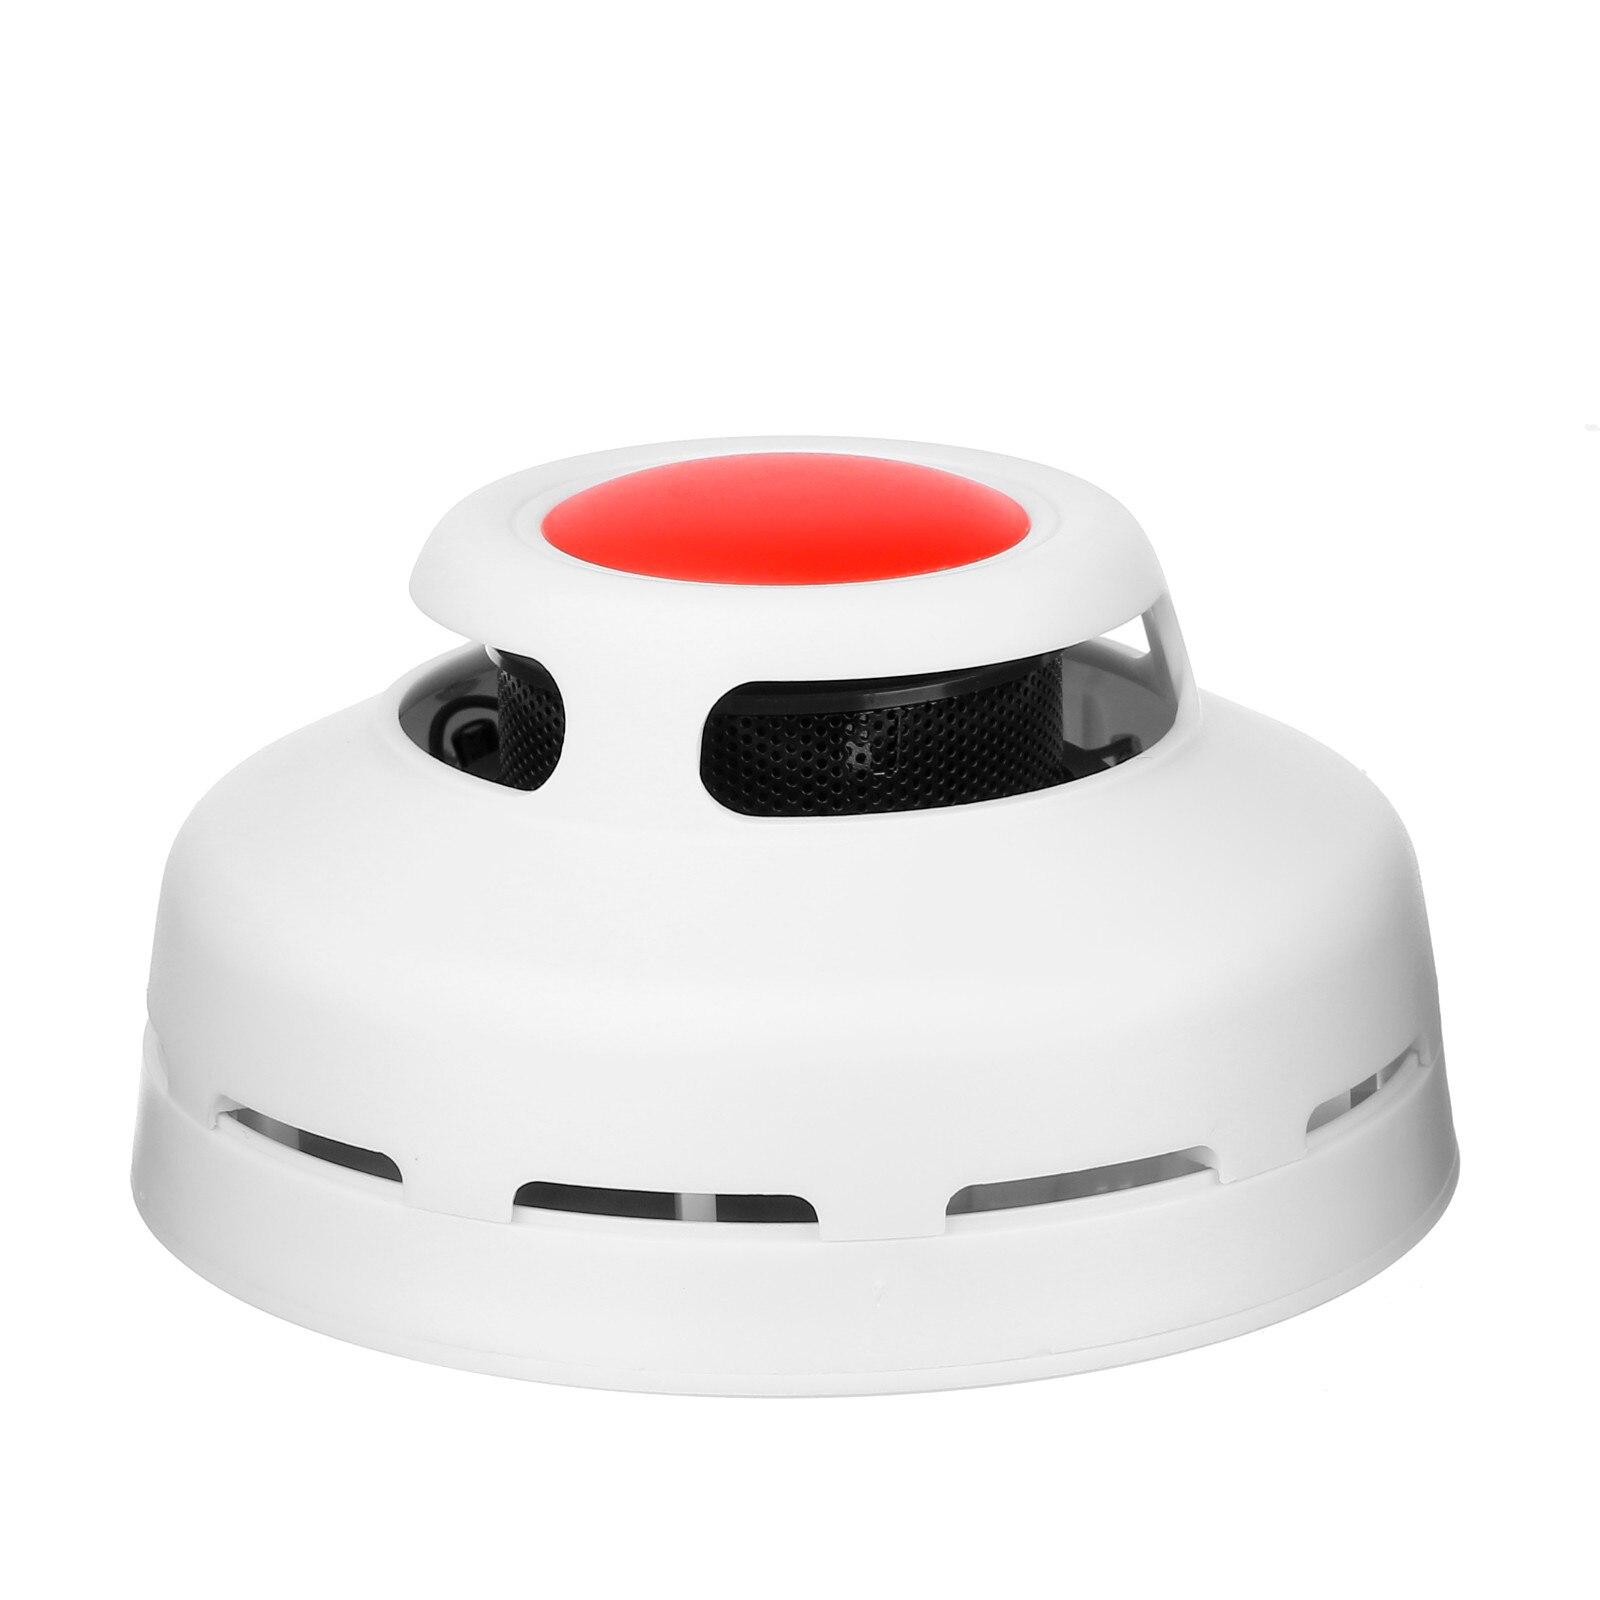 Nuevo detector de humo alarma de humo Sensor fotoeléctrico detecta incendios llamativos para el sistema de alarma de seguridad del hogar